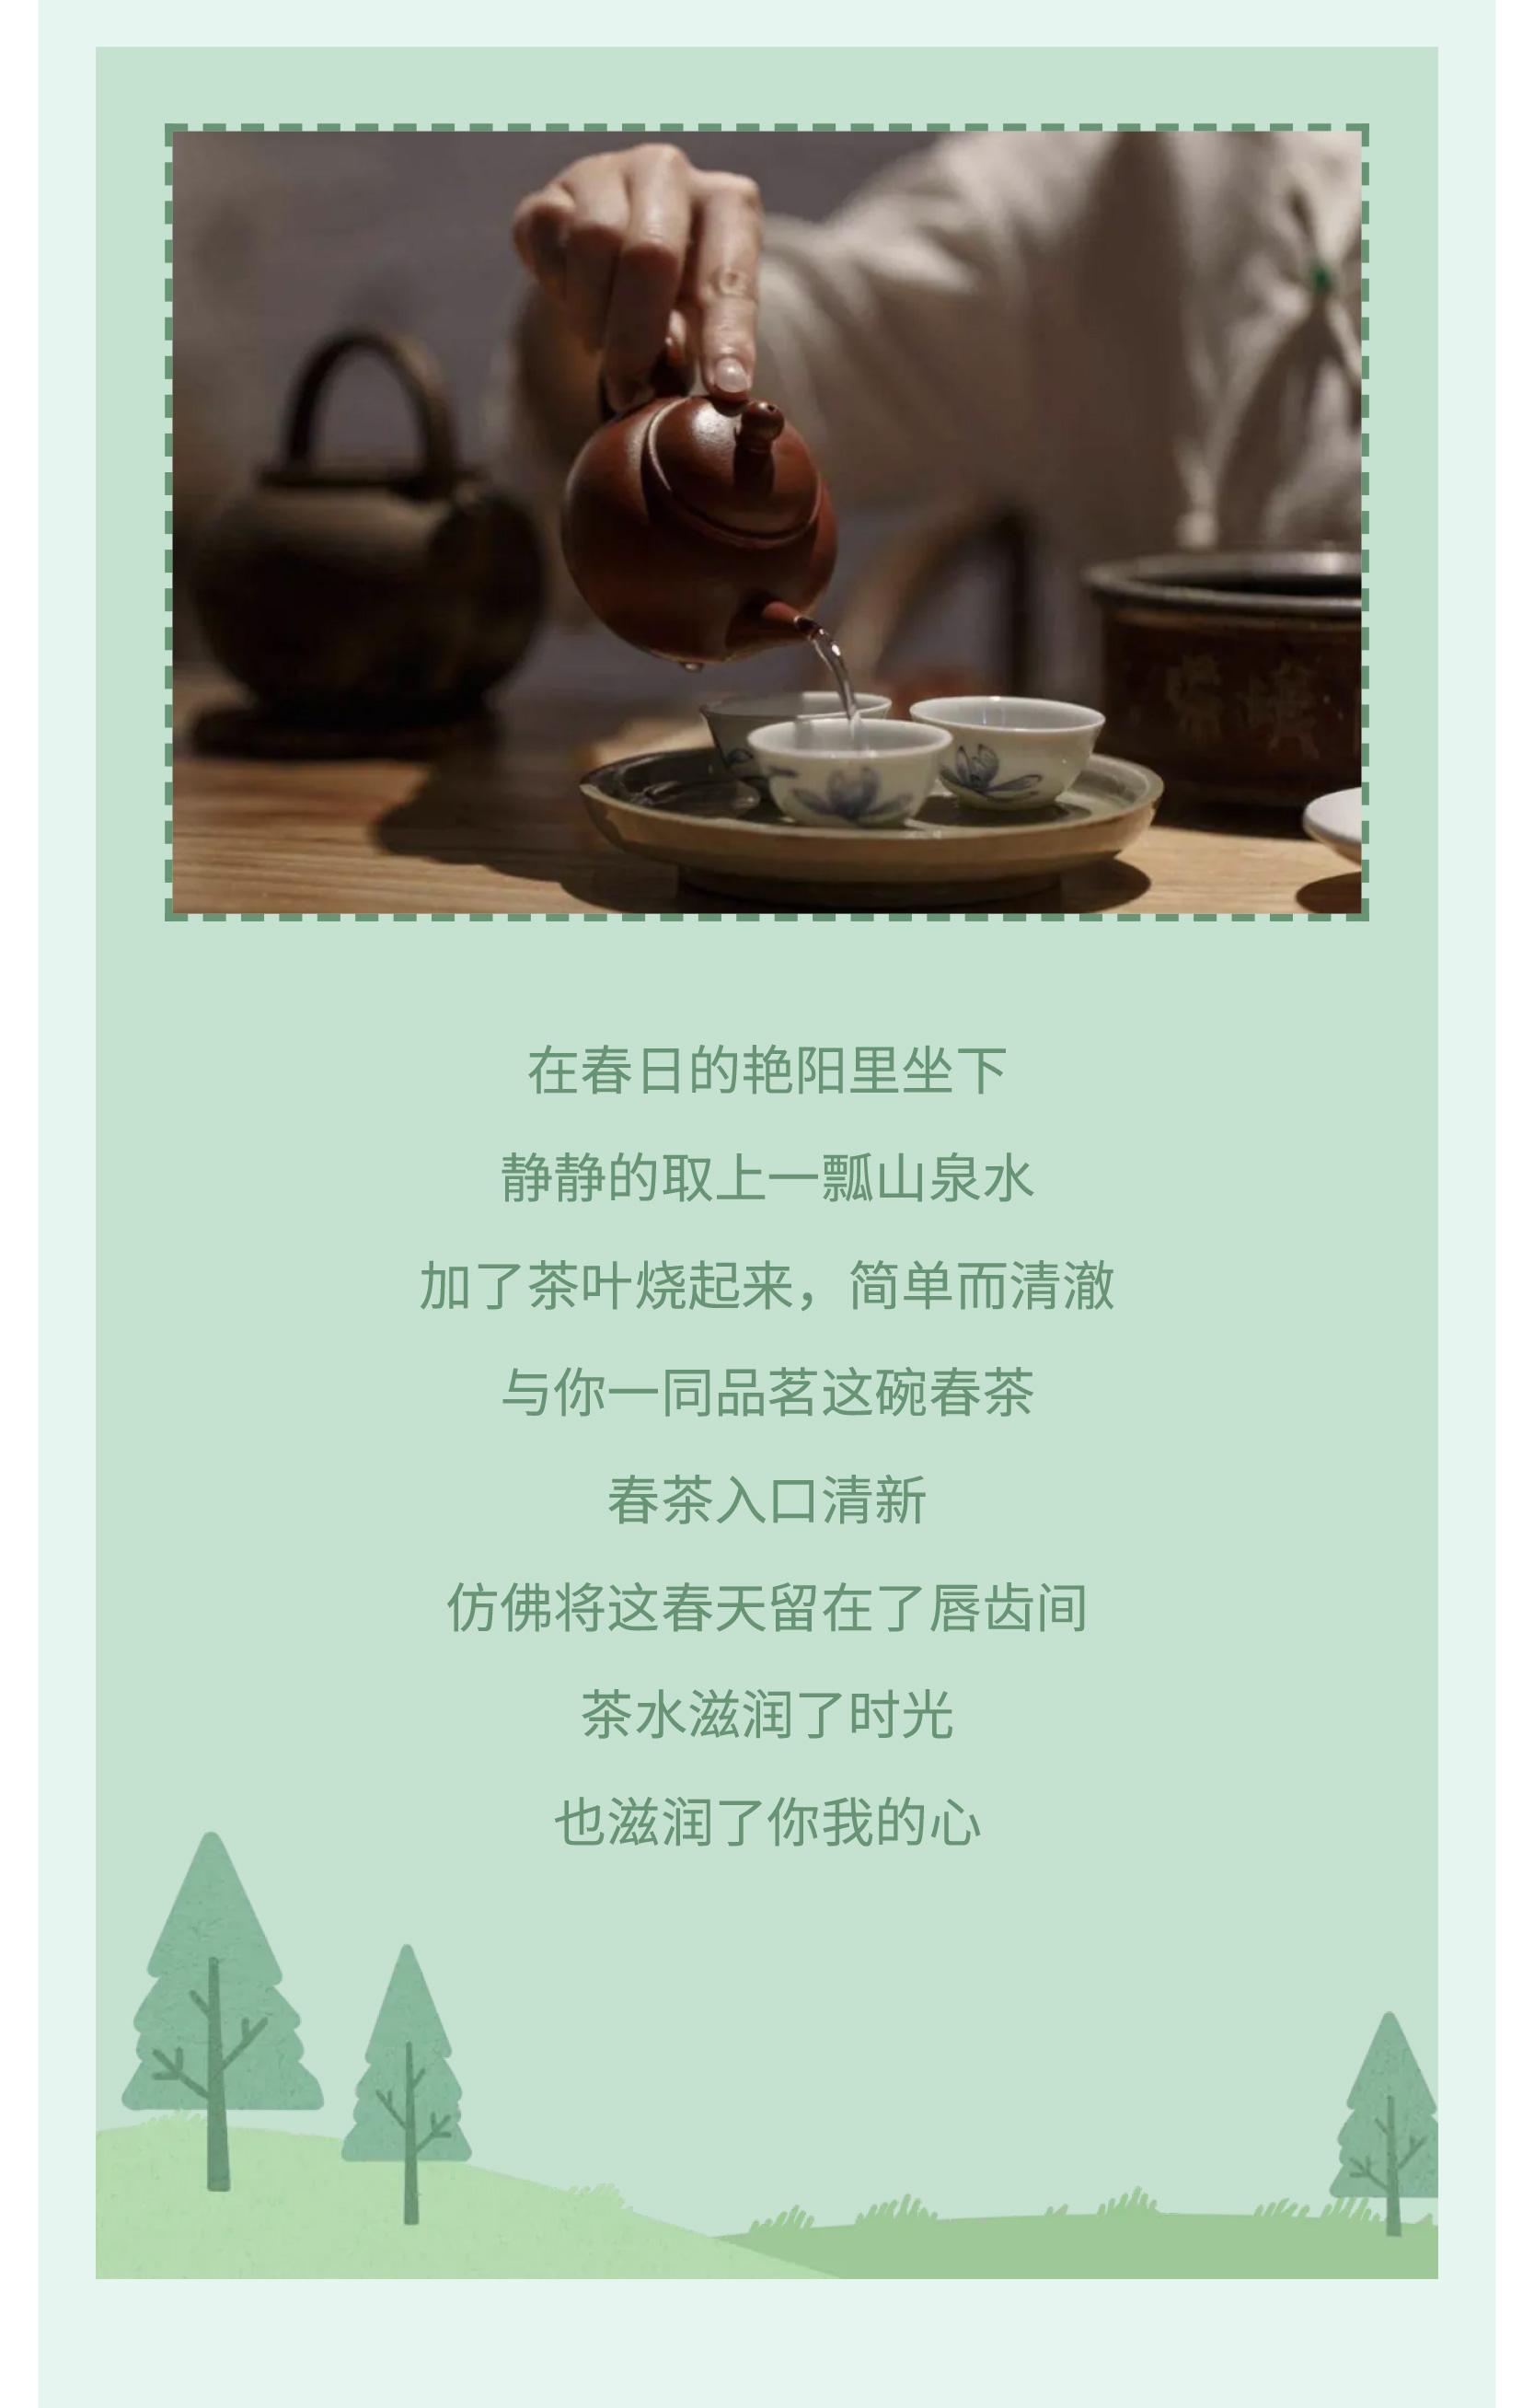 品茶活动推文_03.jpg